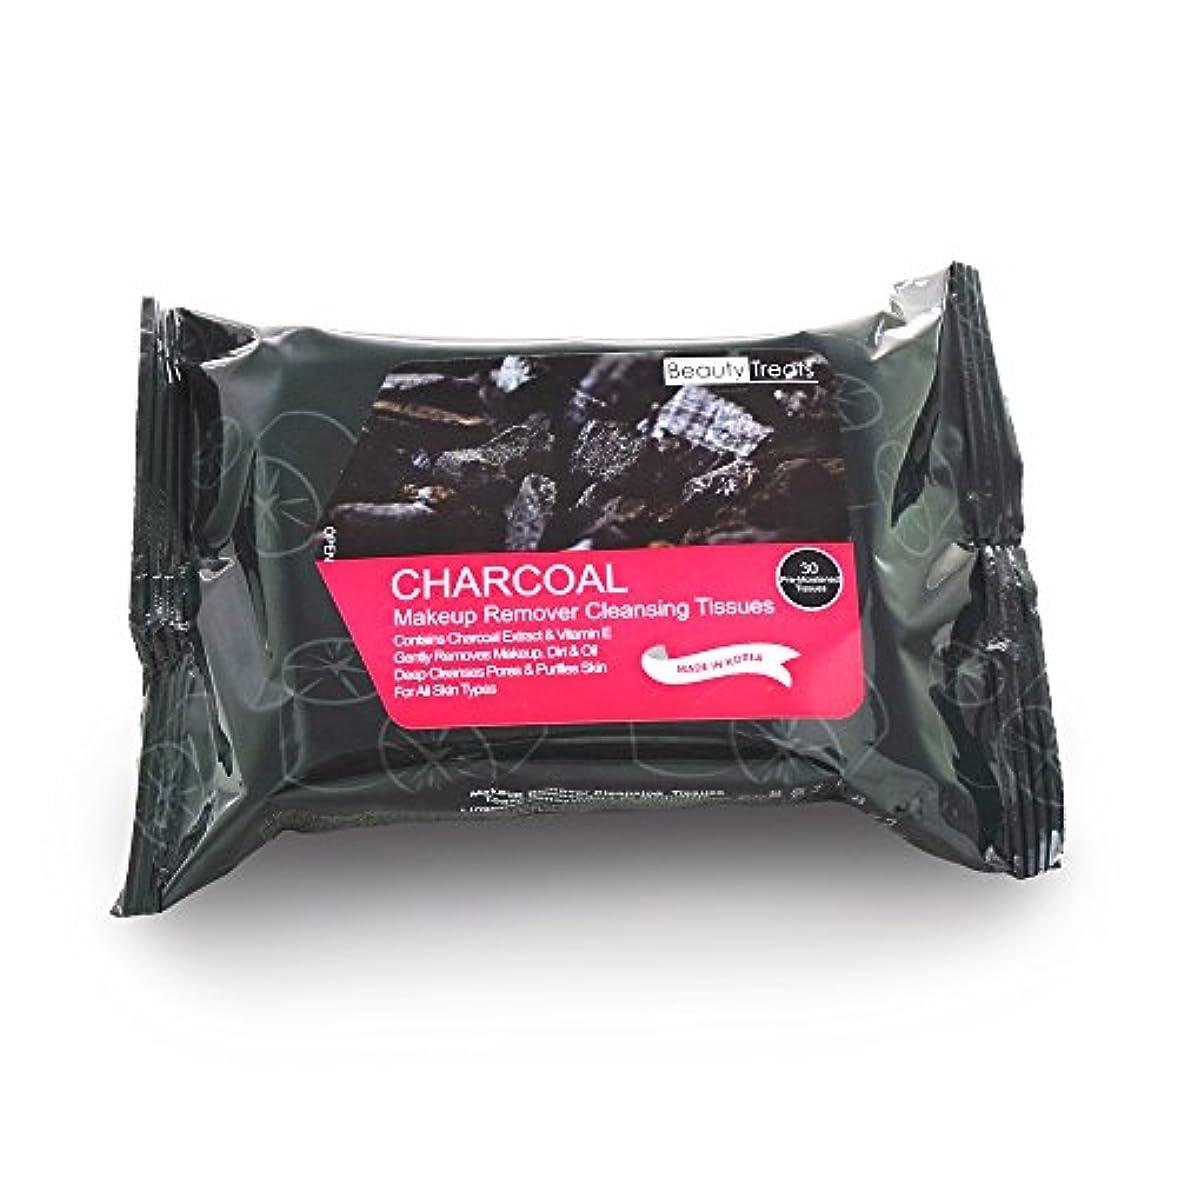 に同意するマークされた魅力的であることへのアピール(3 Pack) BEAUTY TREATS Charcoal Makeup Remover Cleaning Tissues (並行輸入品)